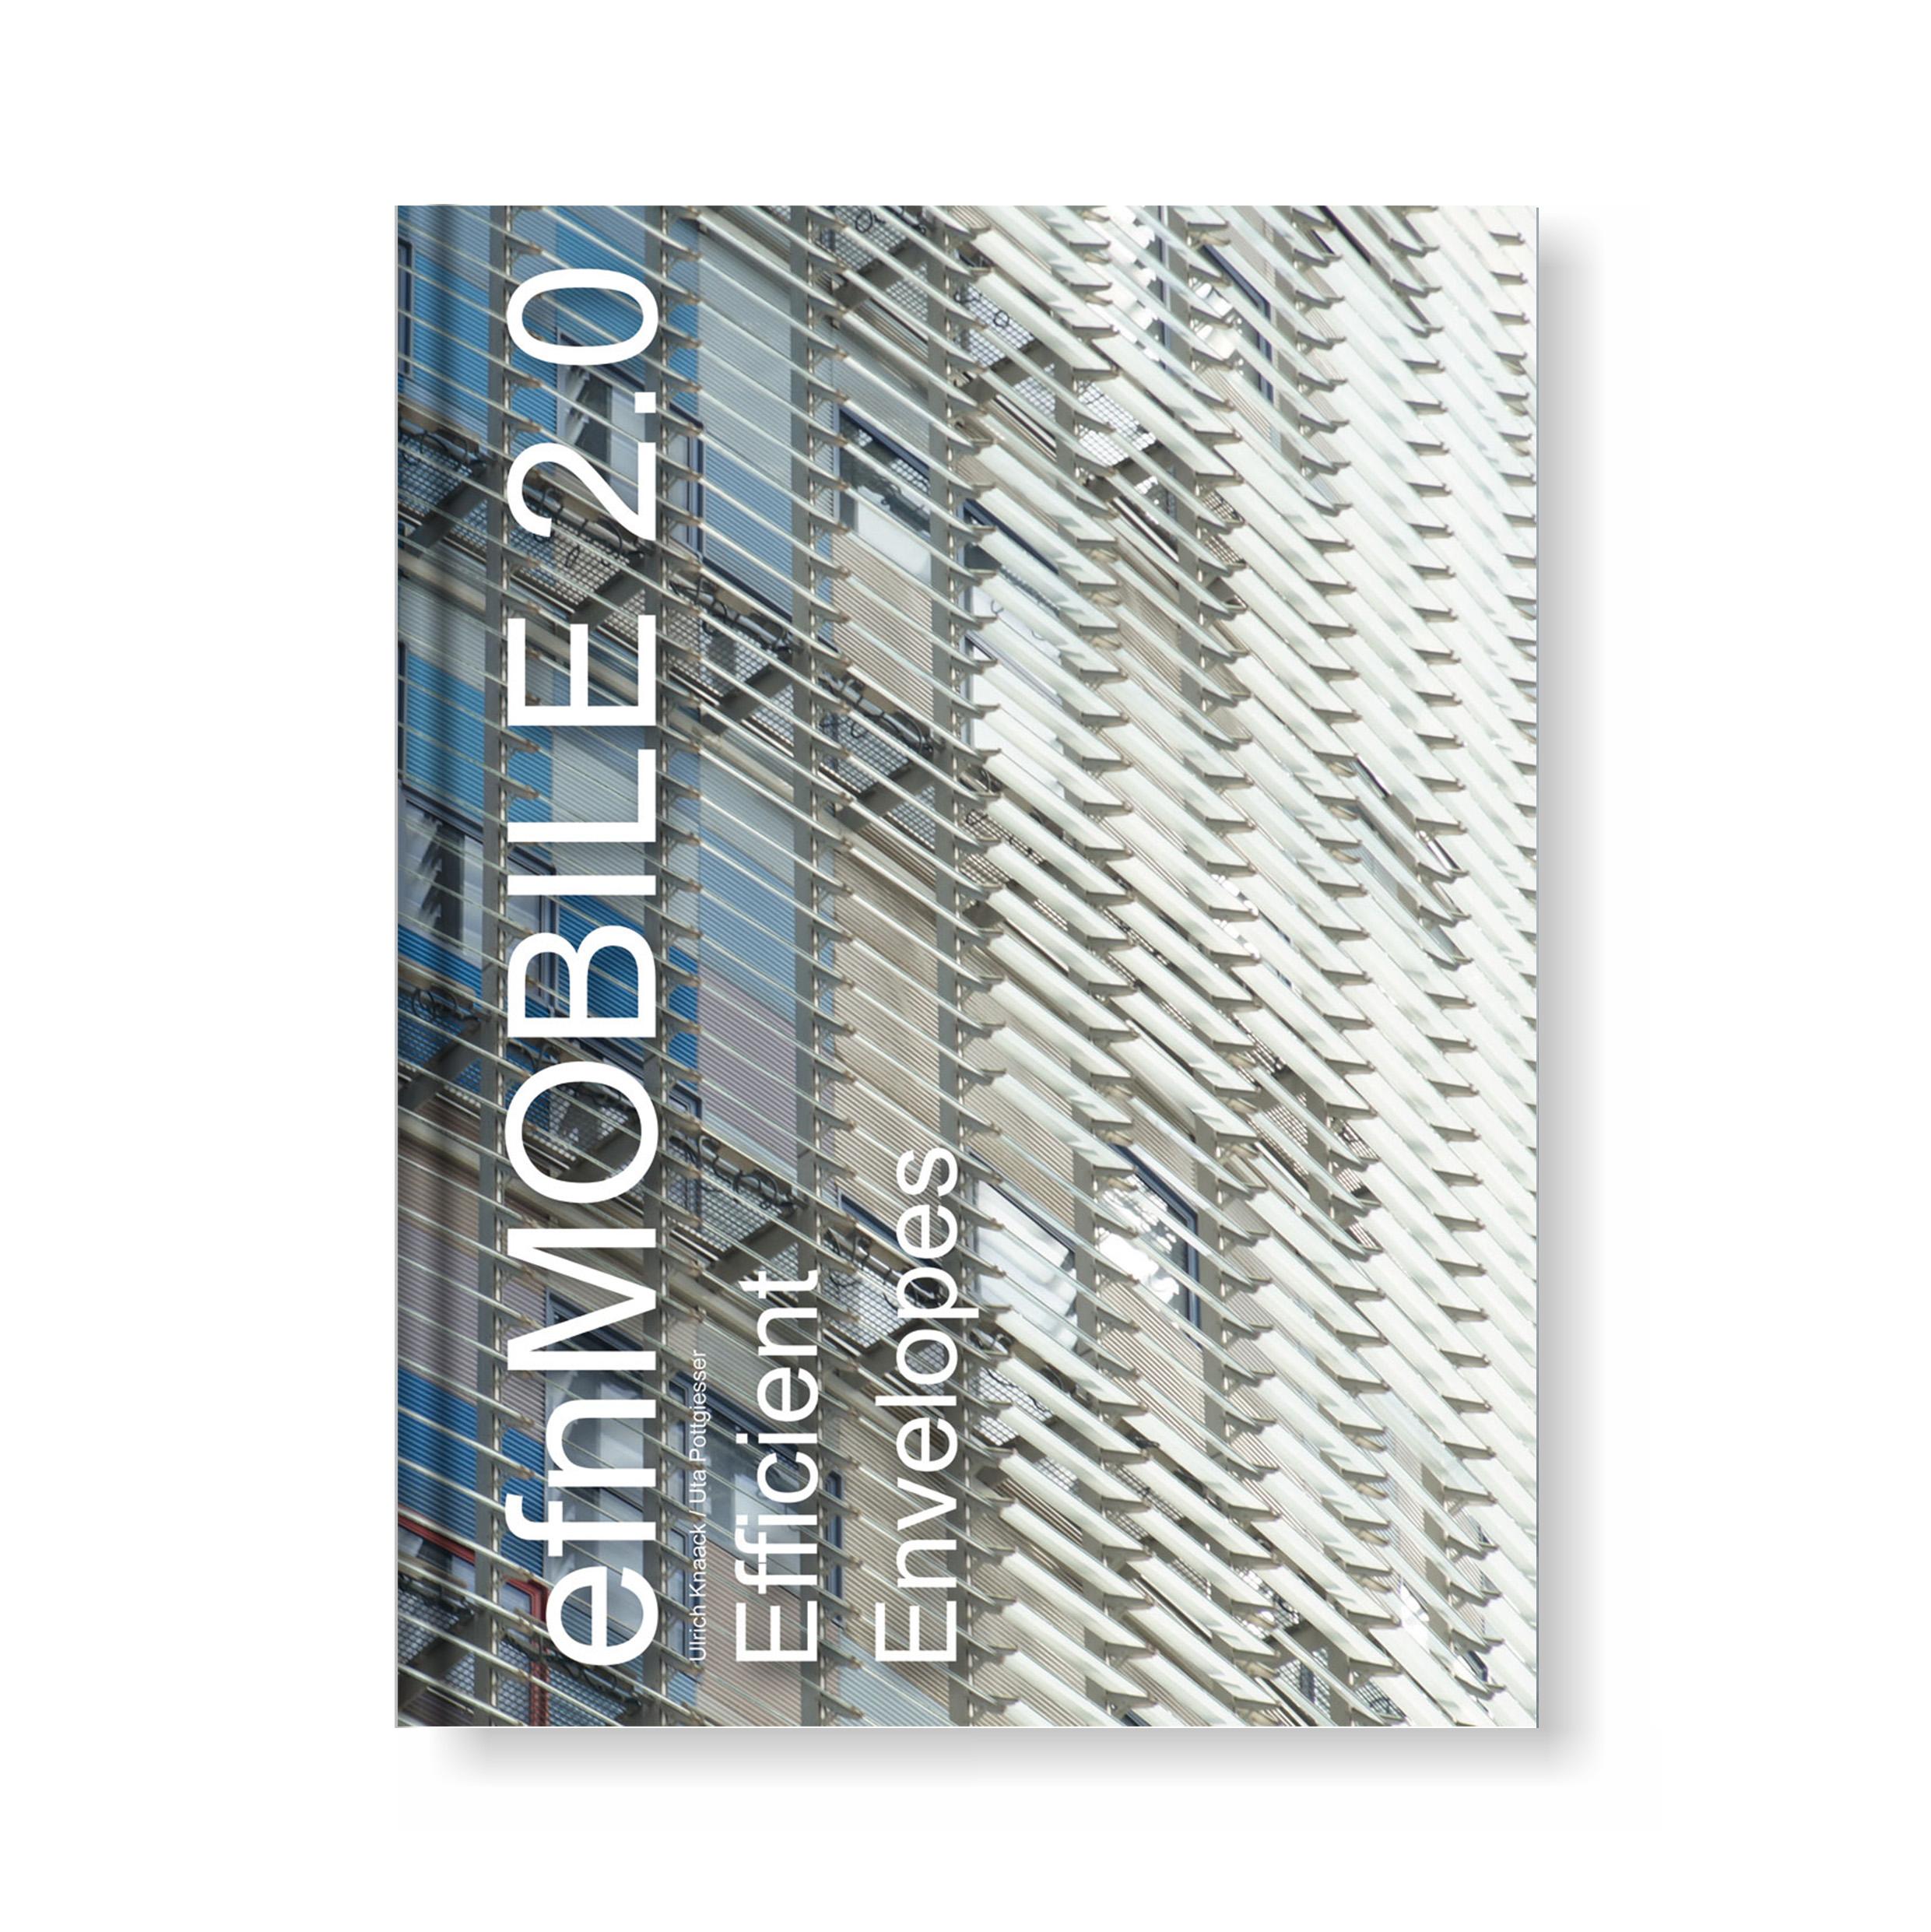 efnMOBILE 2.0 / Efficient Envelopes